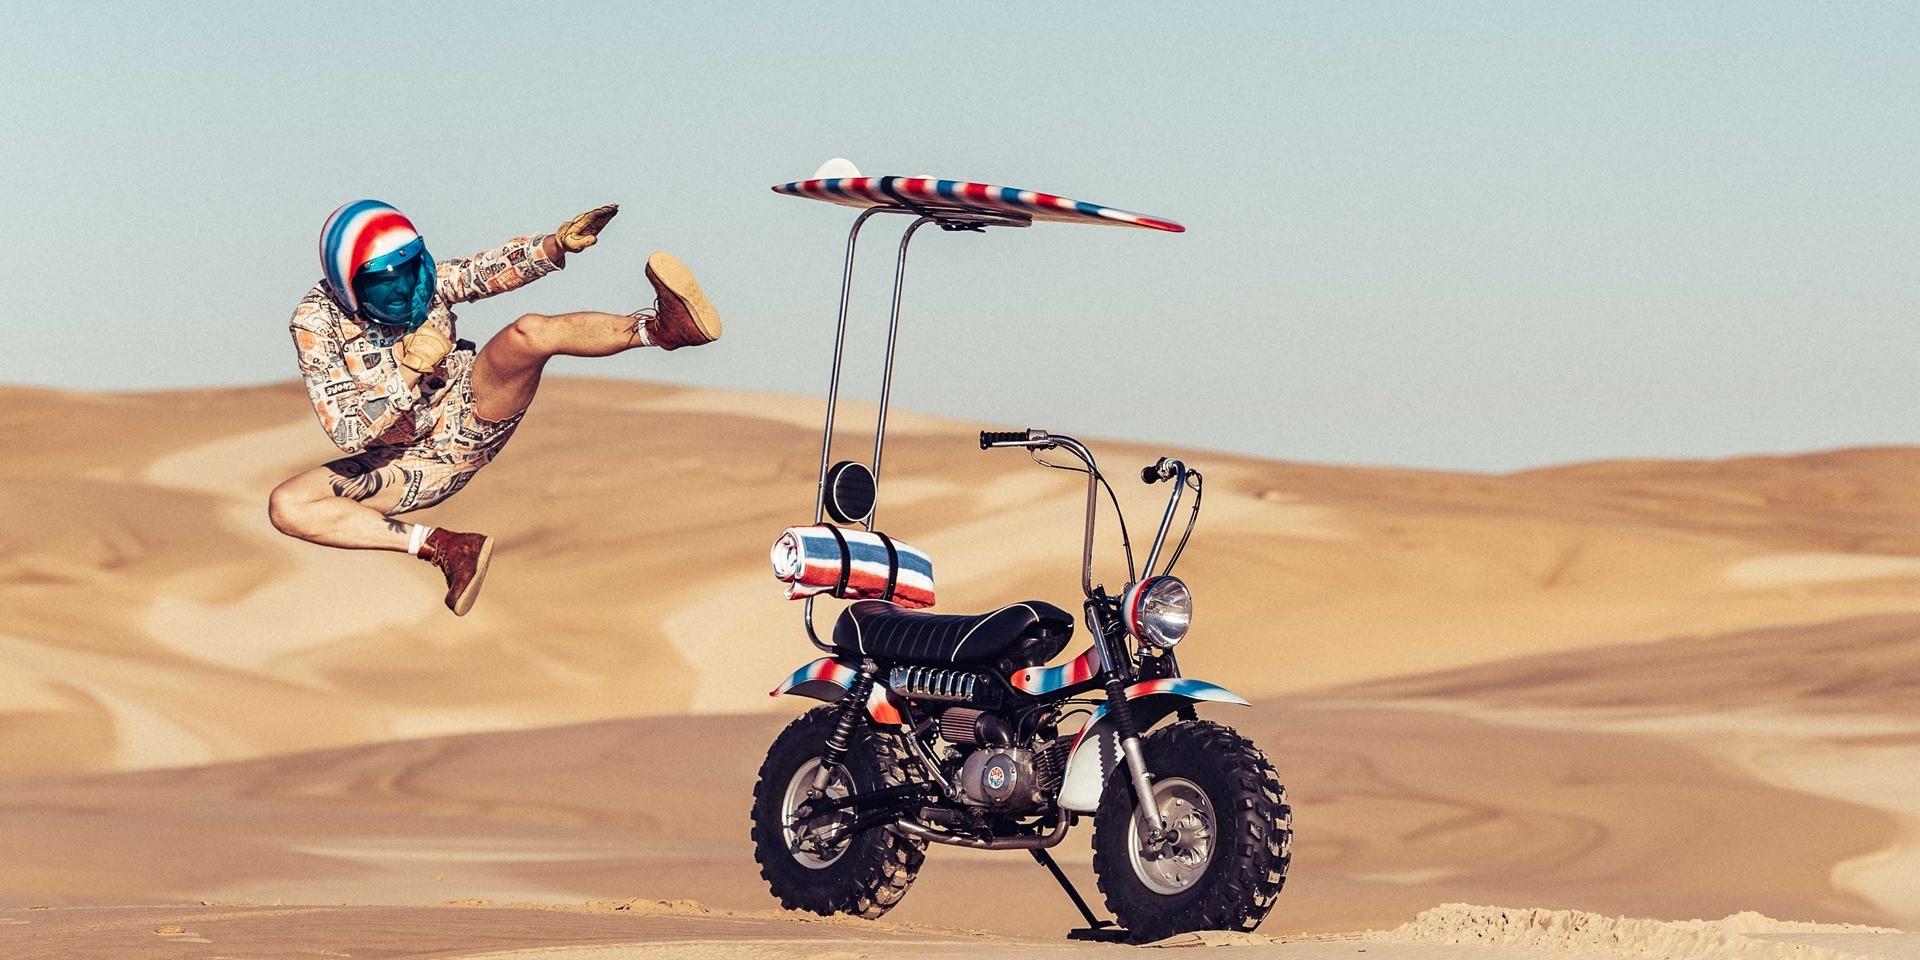 我們與浪的距離 -SUZUKI  RV90 THE GOOF Bike by Paul McNeil